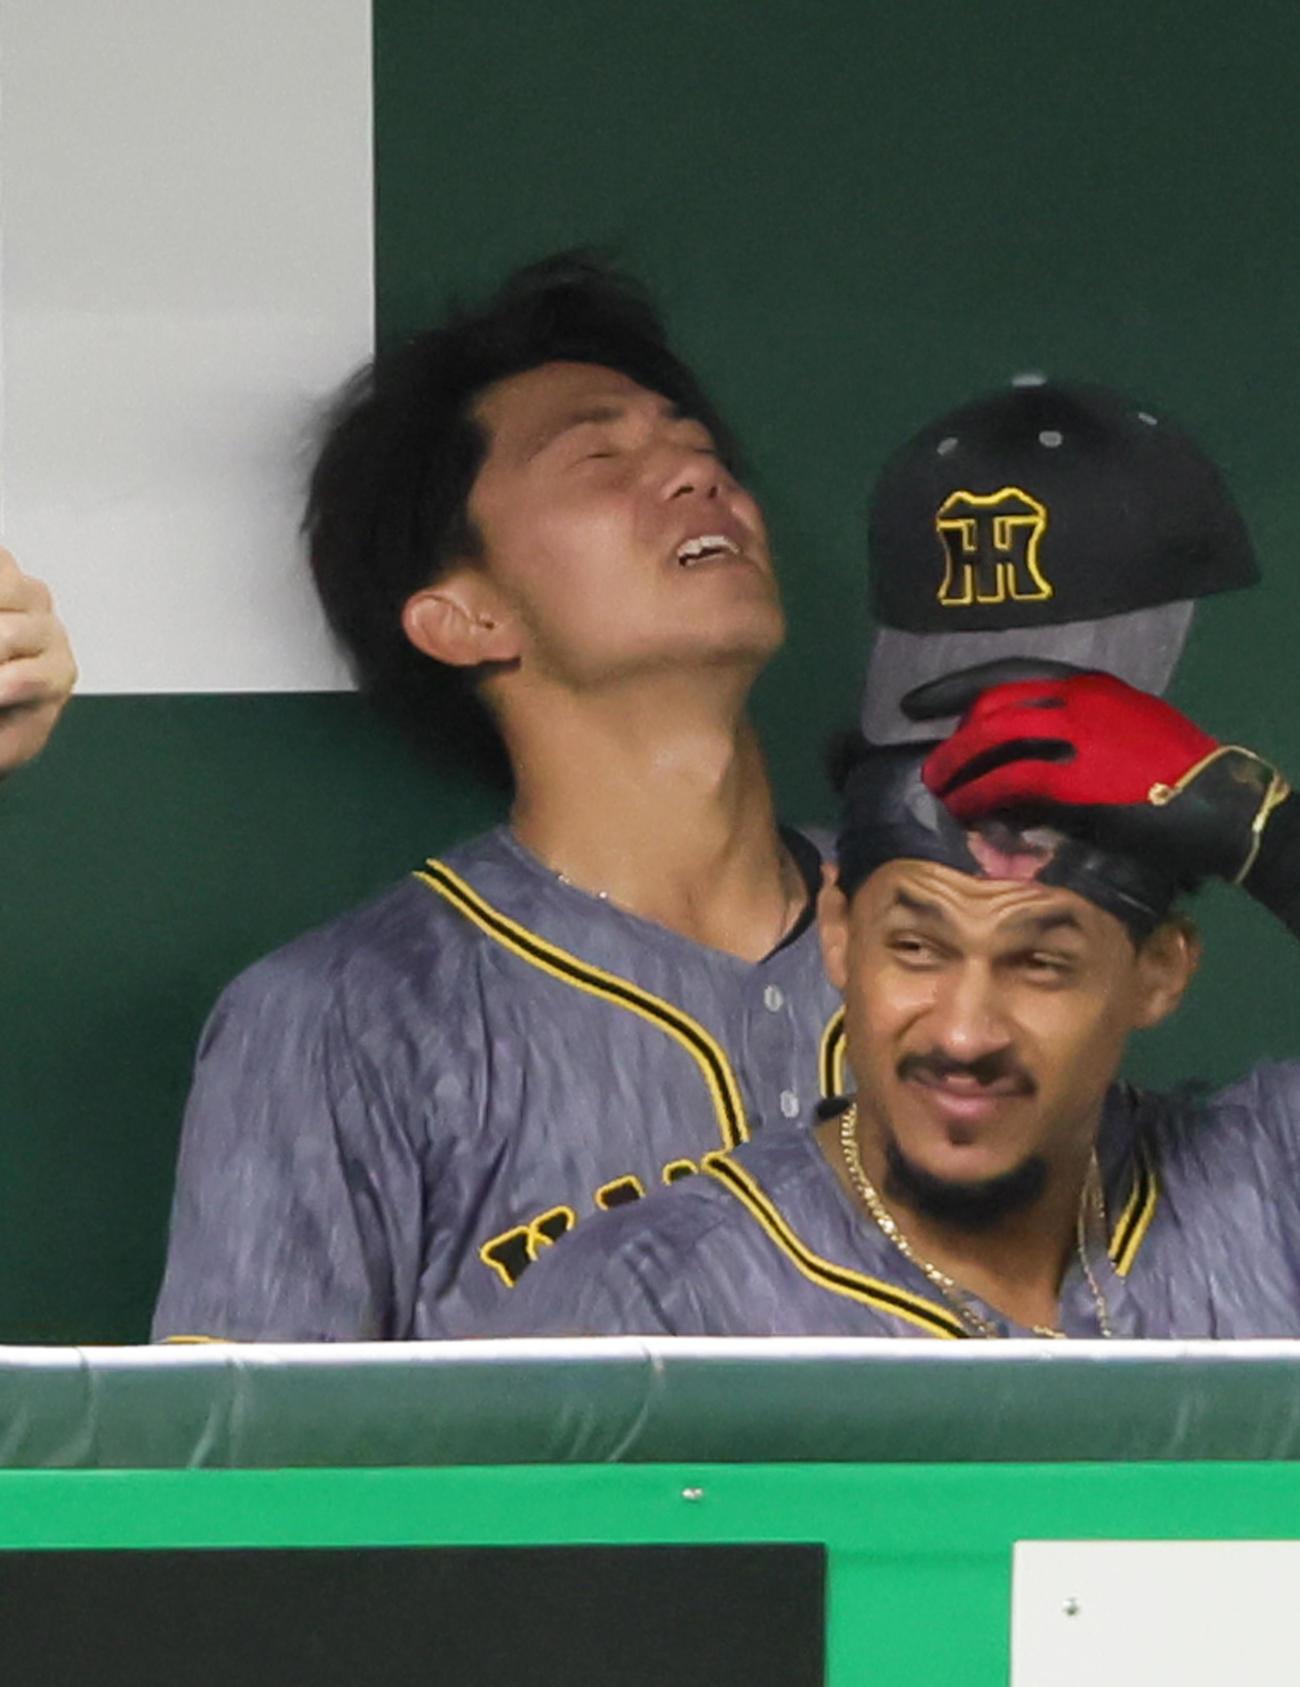 巨人対阪神 5回裏巨人に逆転を許しベンチで悔しそうな表情を見せる伊藤将(左)(撮影・足立雅史)